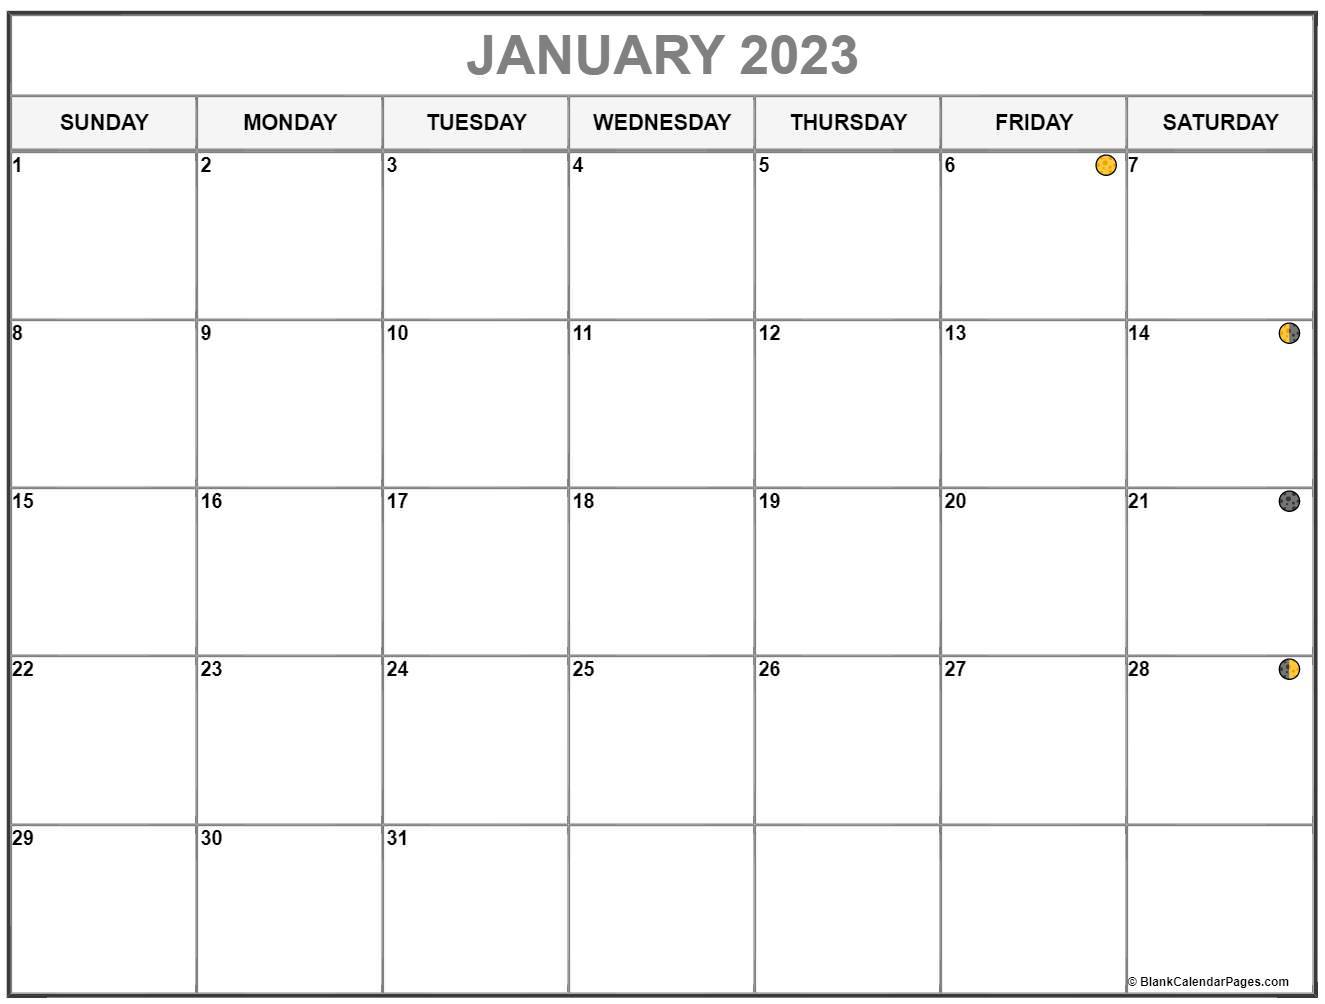 January 2022 Lunar Calendar | Moon Phase Calendar